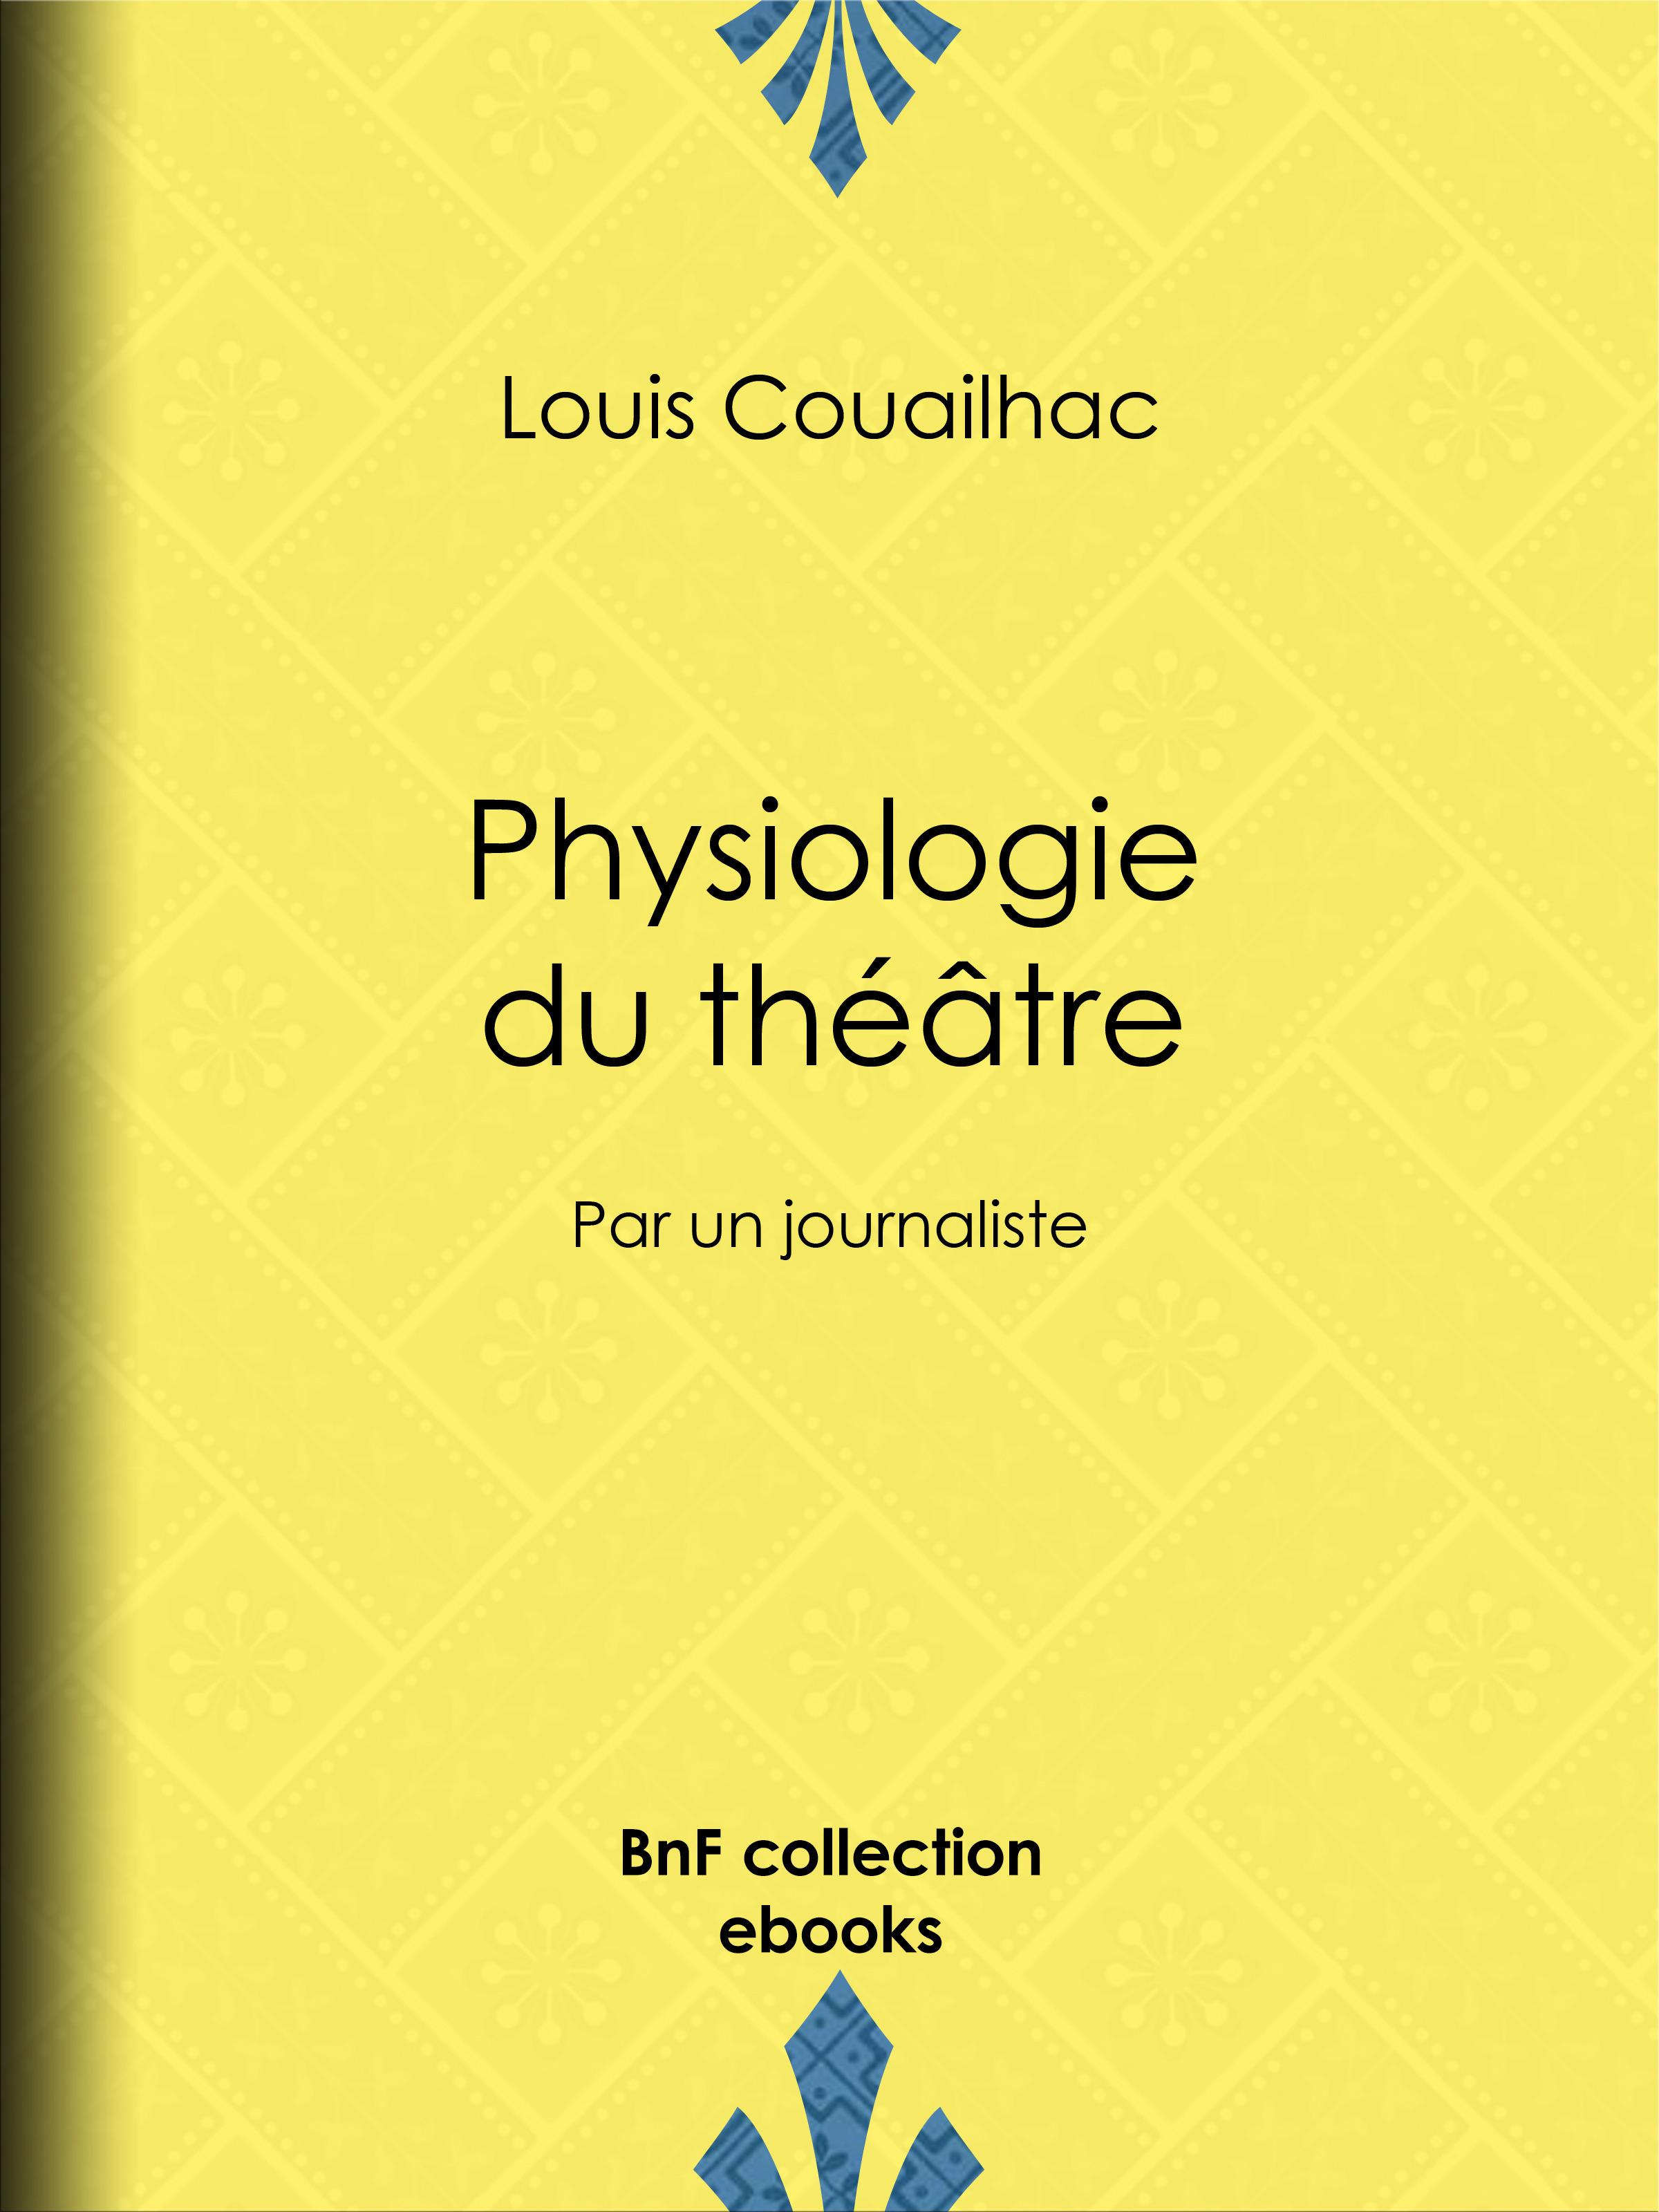 Physiologie du théâtre  - Louis Couailhac  - Henry Emy  - Jean Birouste